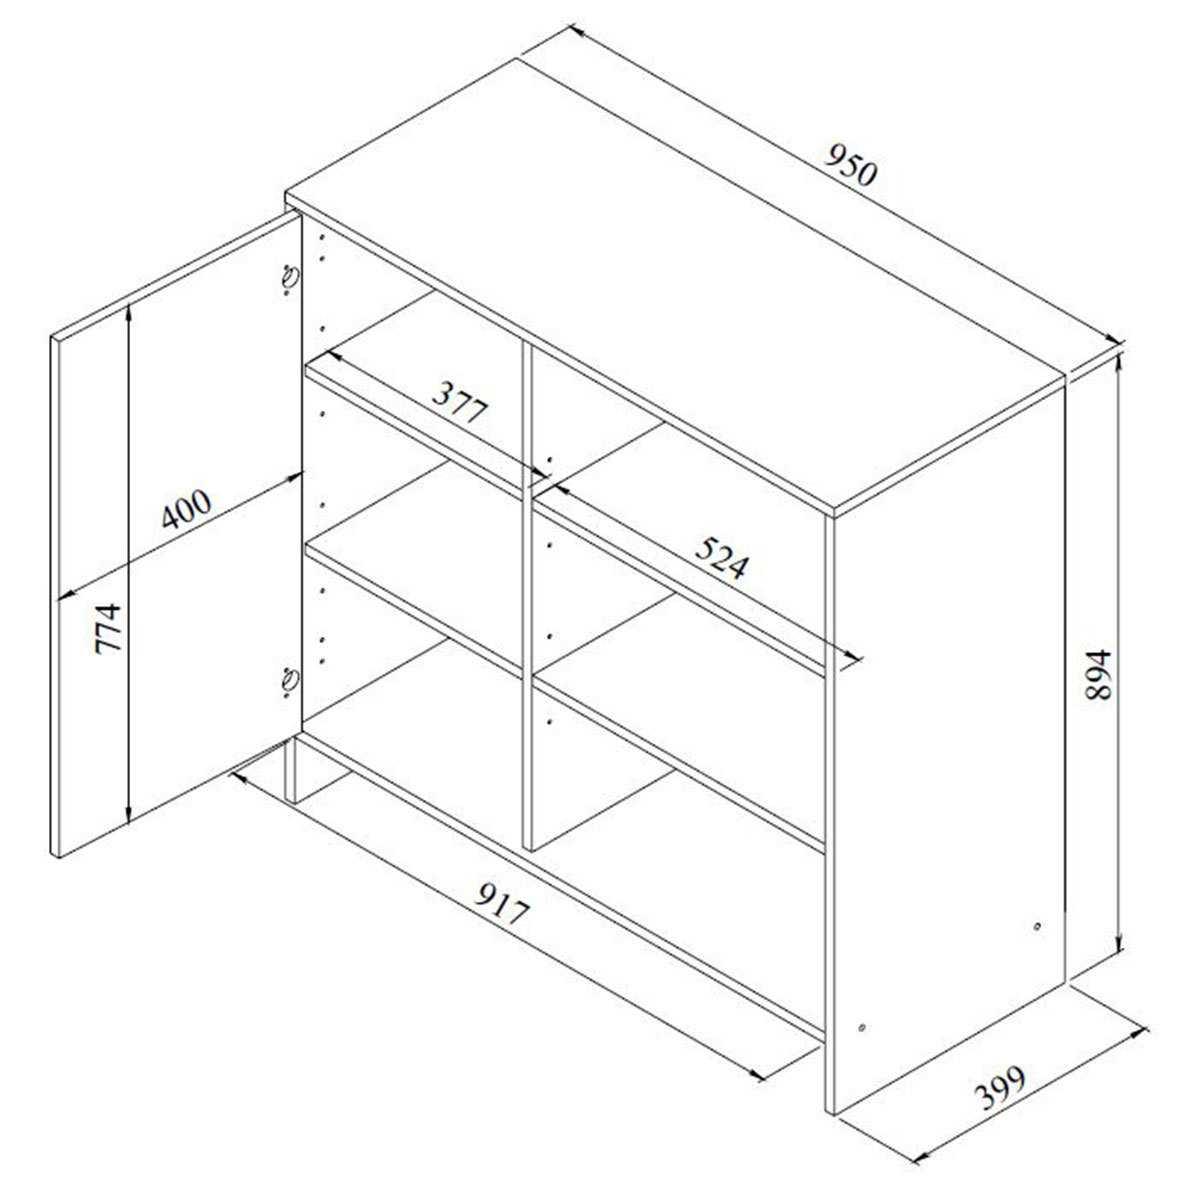 meuble bas cuisine dimension tout sur la cuisine et le. Black Bedroom Furniture Sets. Home Design Ideas